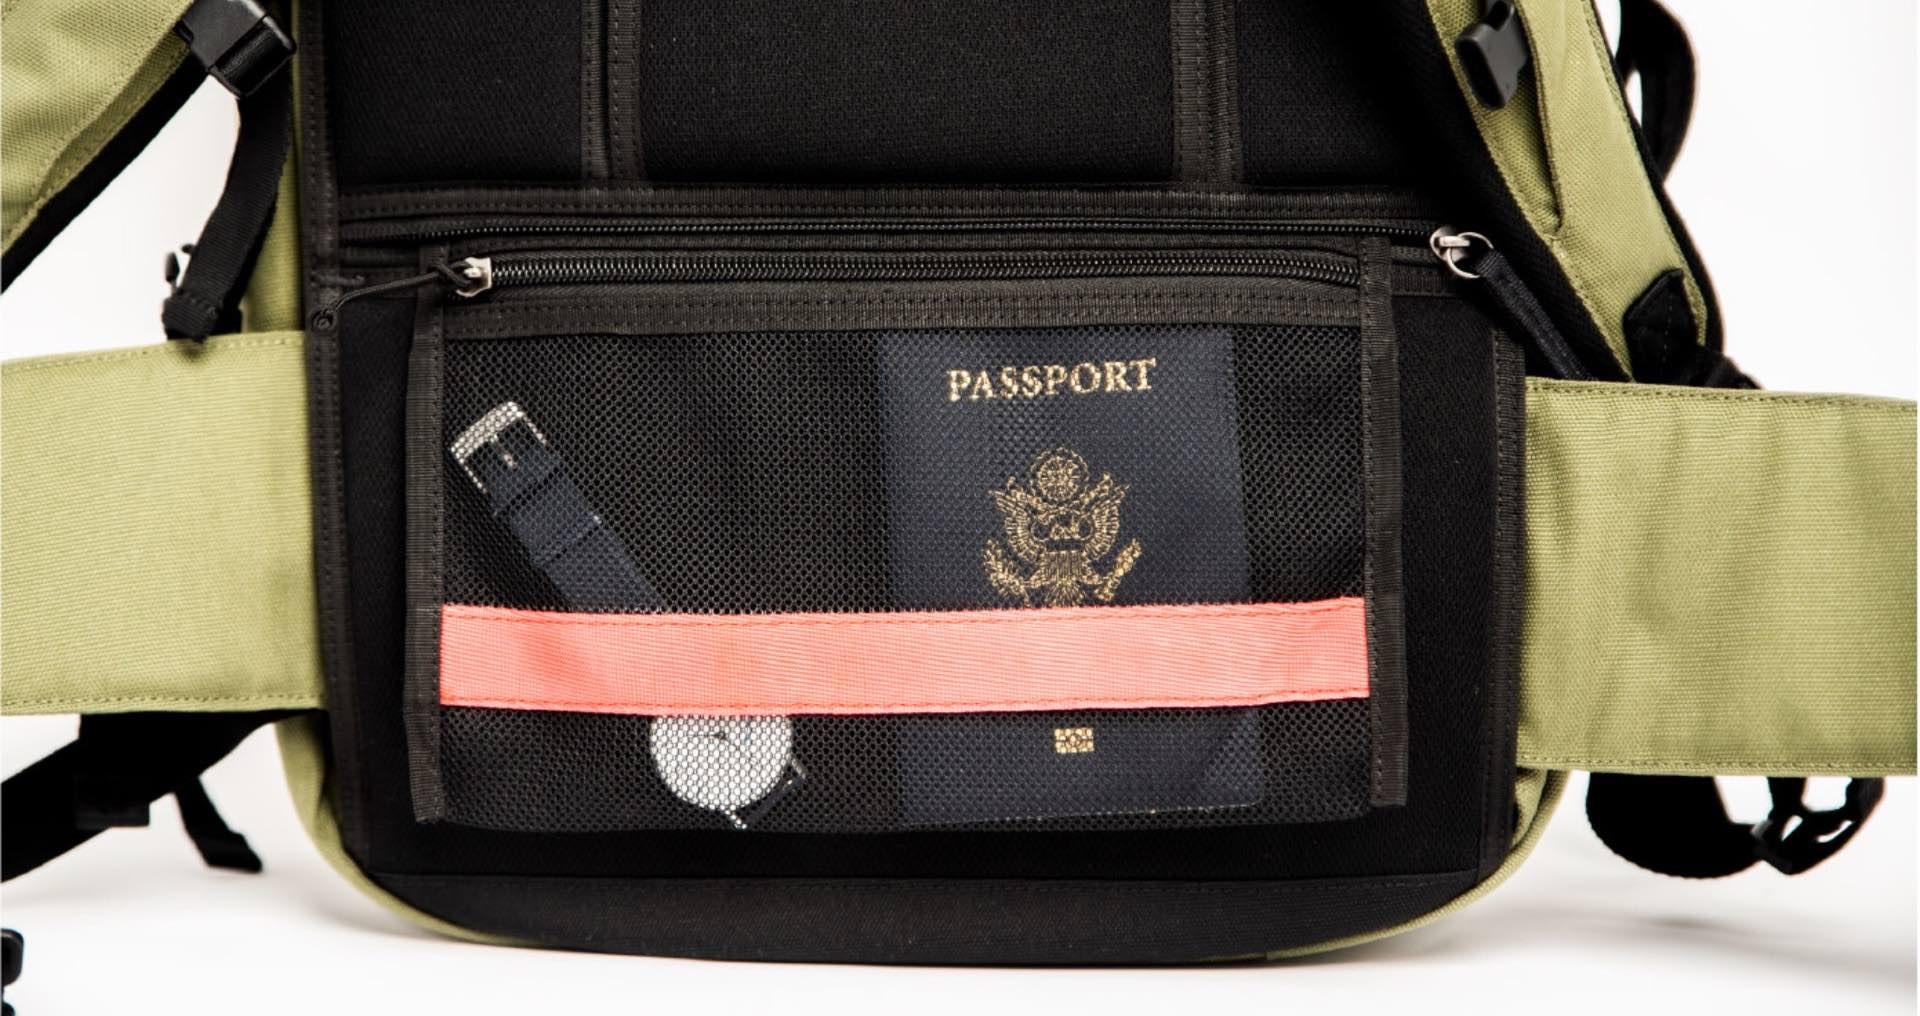 pakt-travel-backpack-tsa-pocket